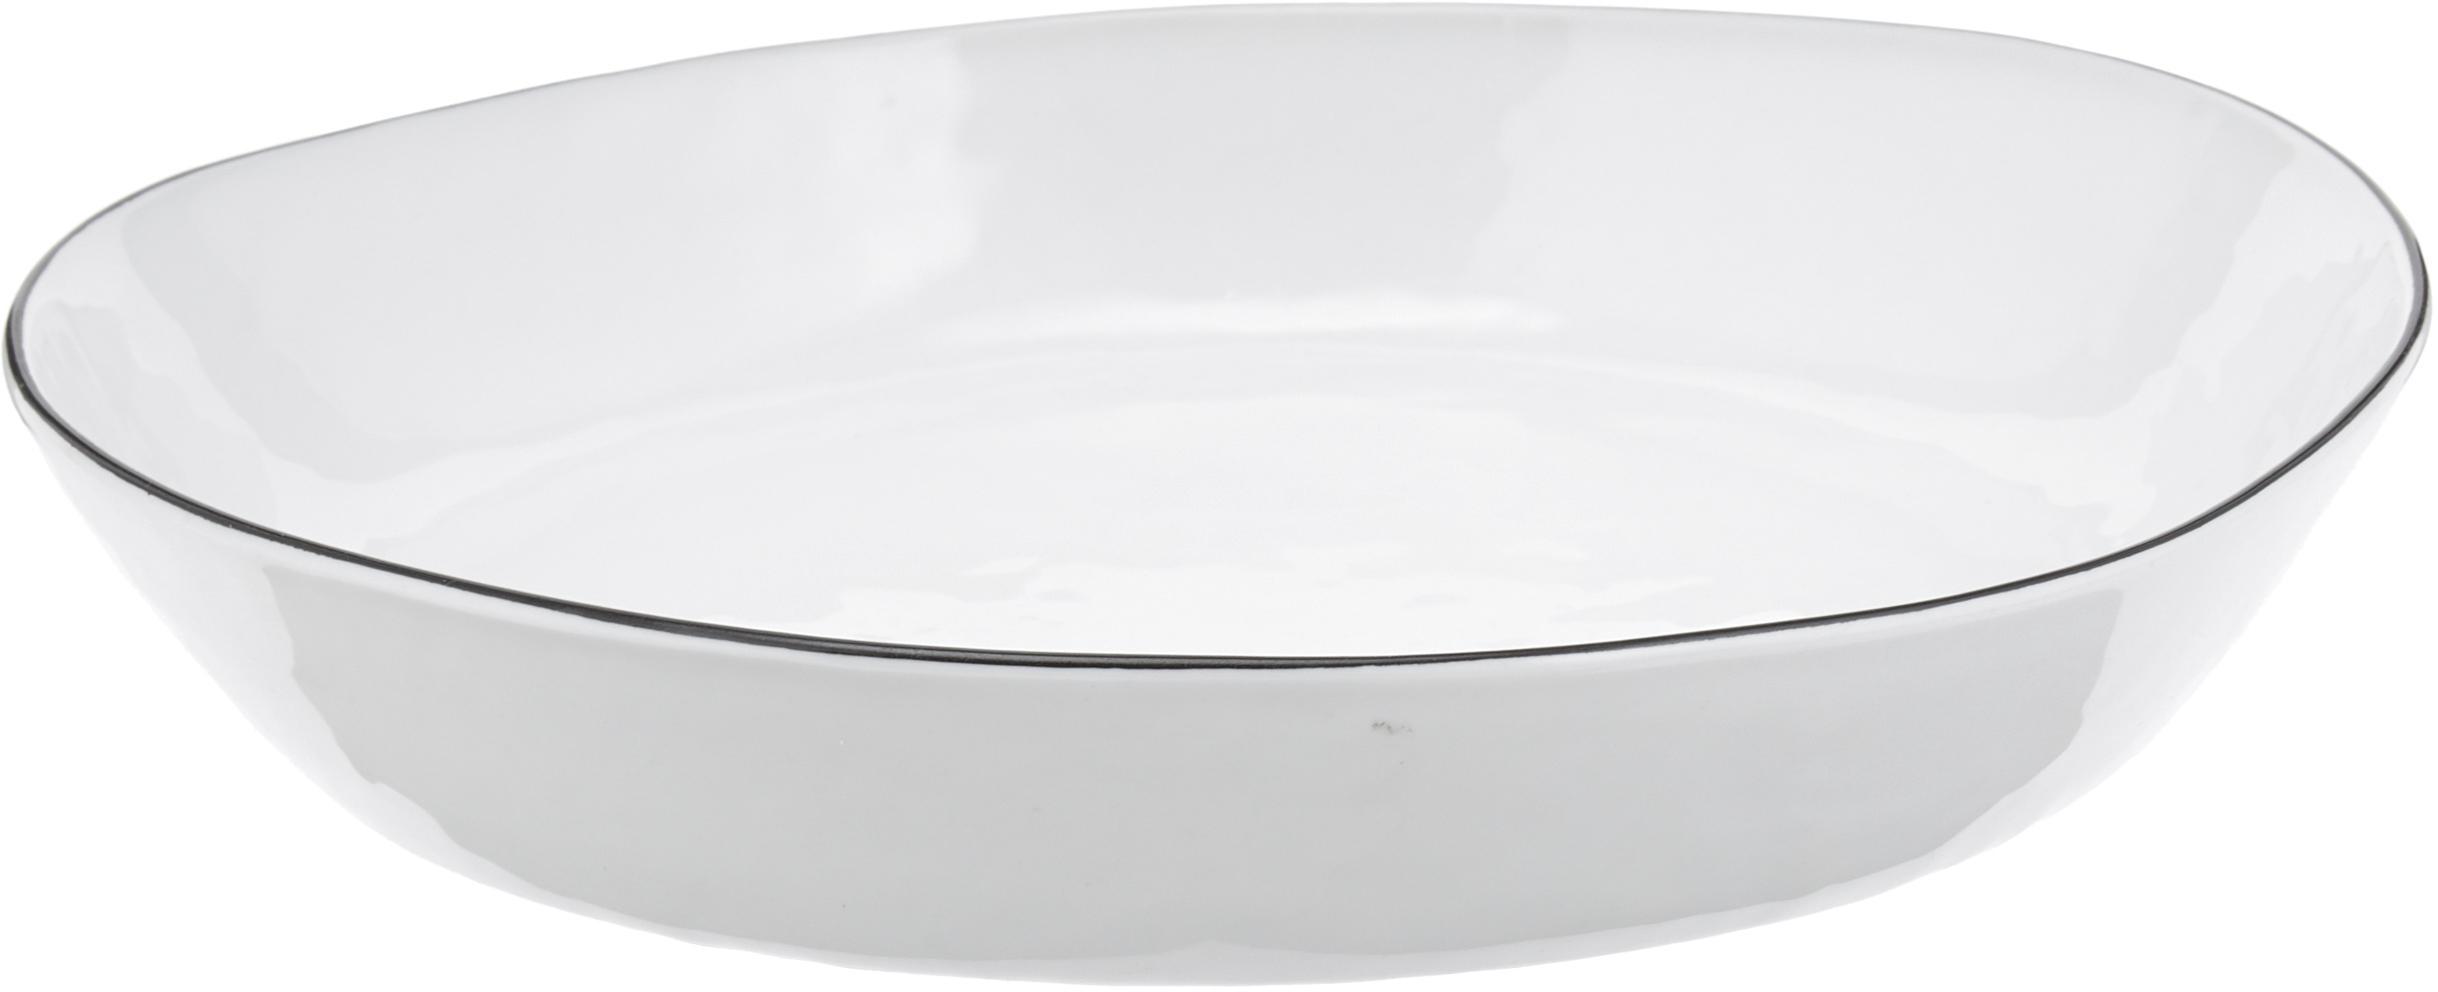 Handgemachte Servierschale Salt Ø 24 mit schwarzem Rand, Porzellan, Gebrochenes Weiss, Schwarz, 24 x 4 cm